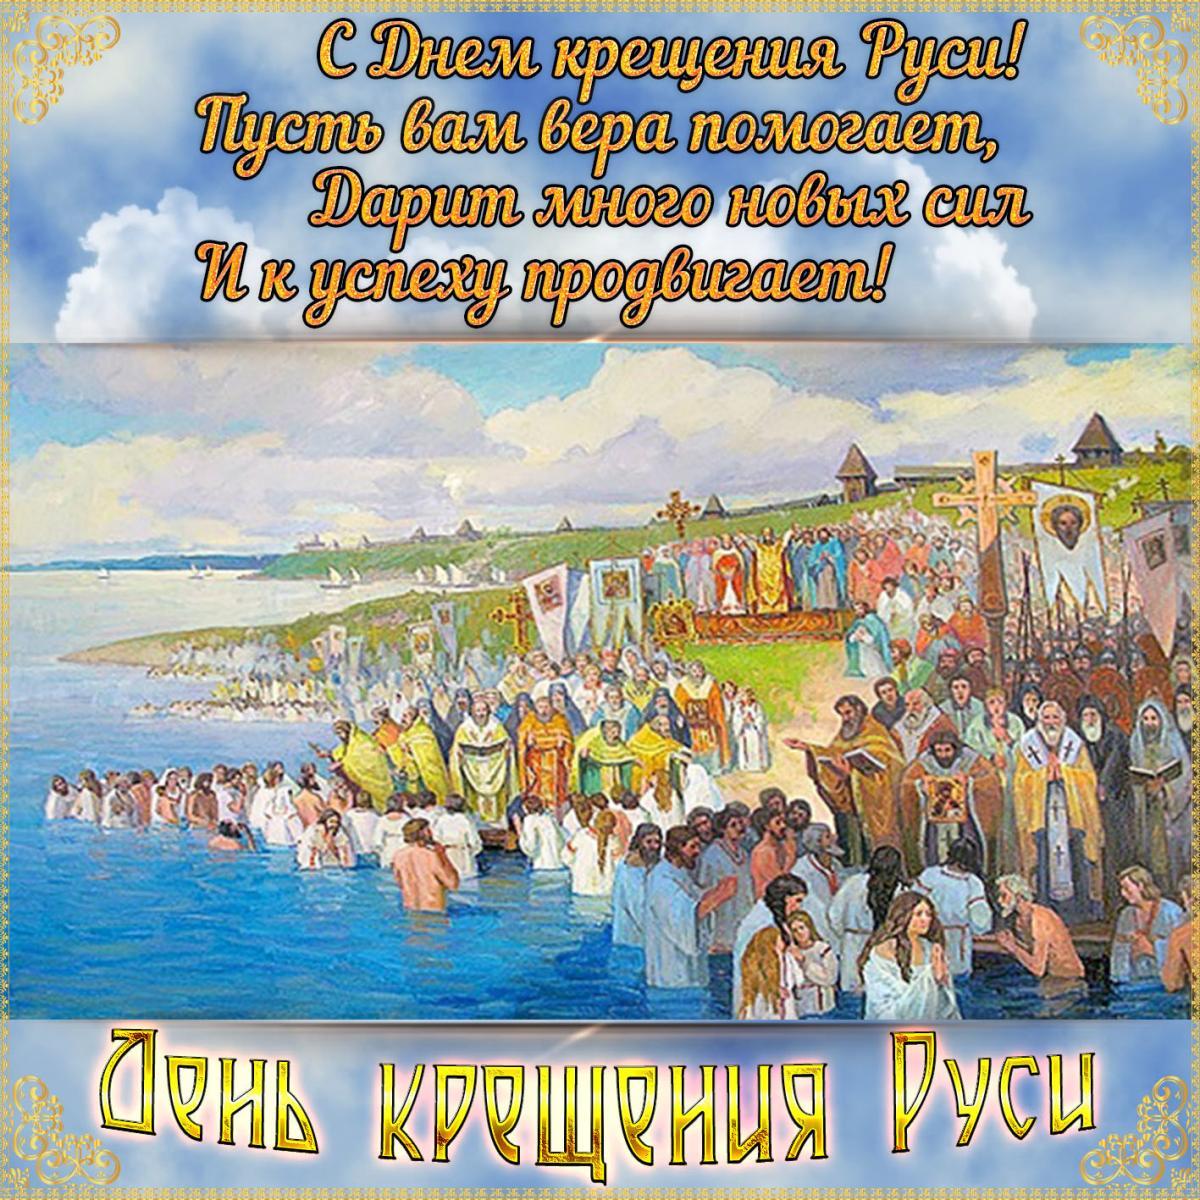 Листівки з хрещенням русі